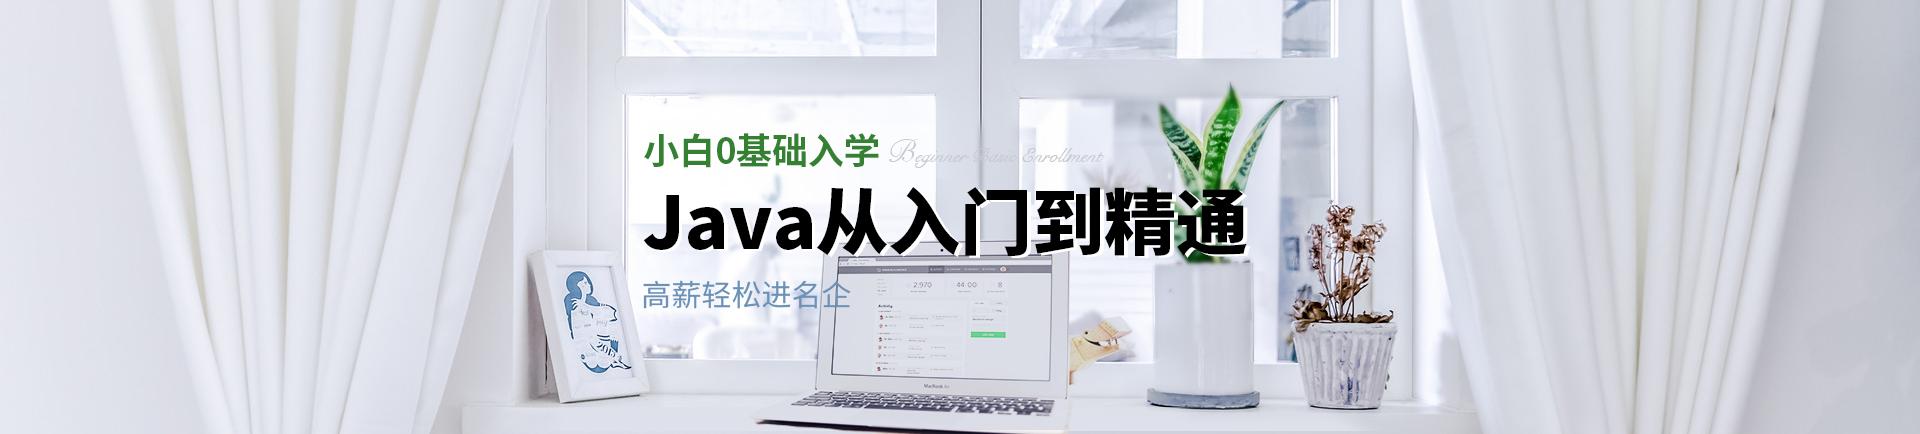 �白0基础入学 Java从入门到精通 8000起薪轻�进��-jiangsu